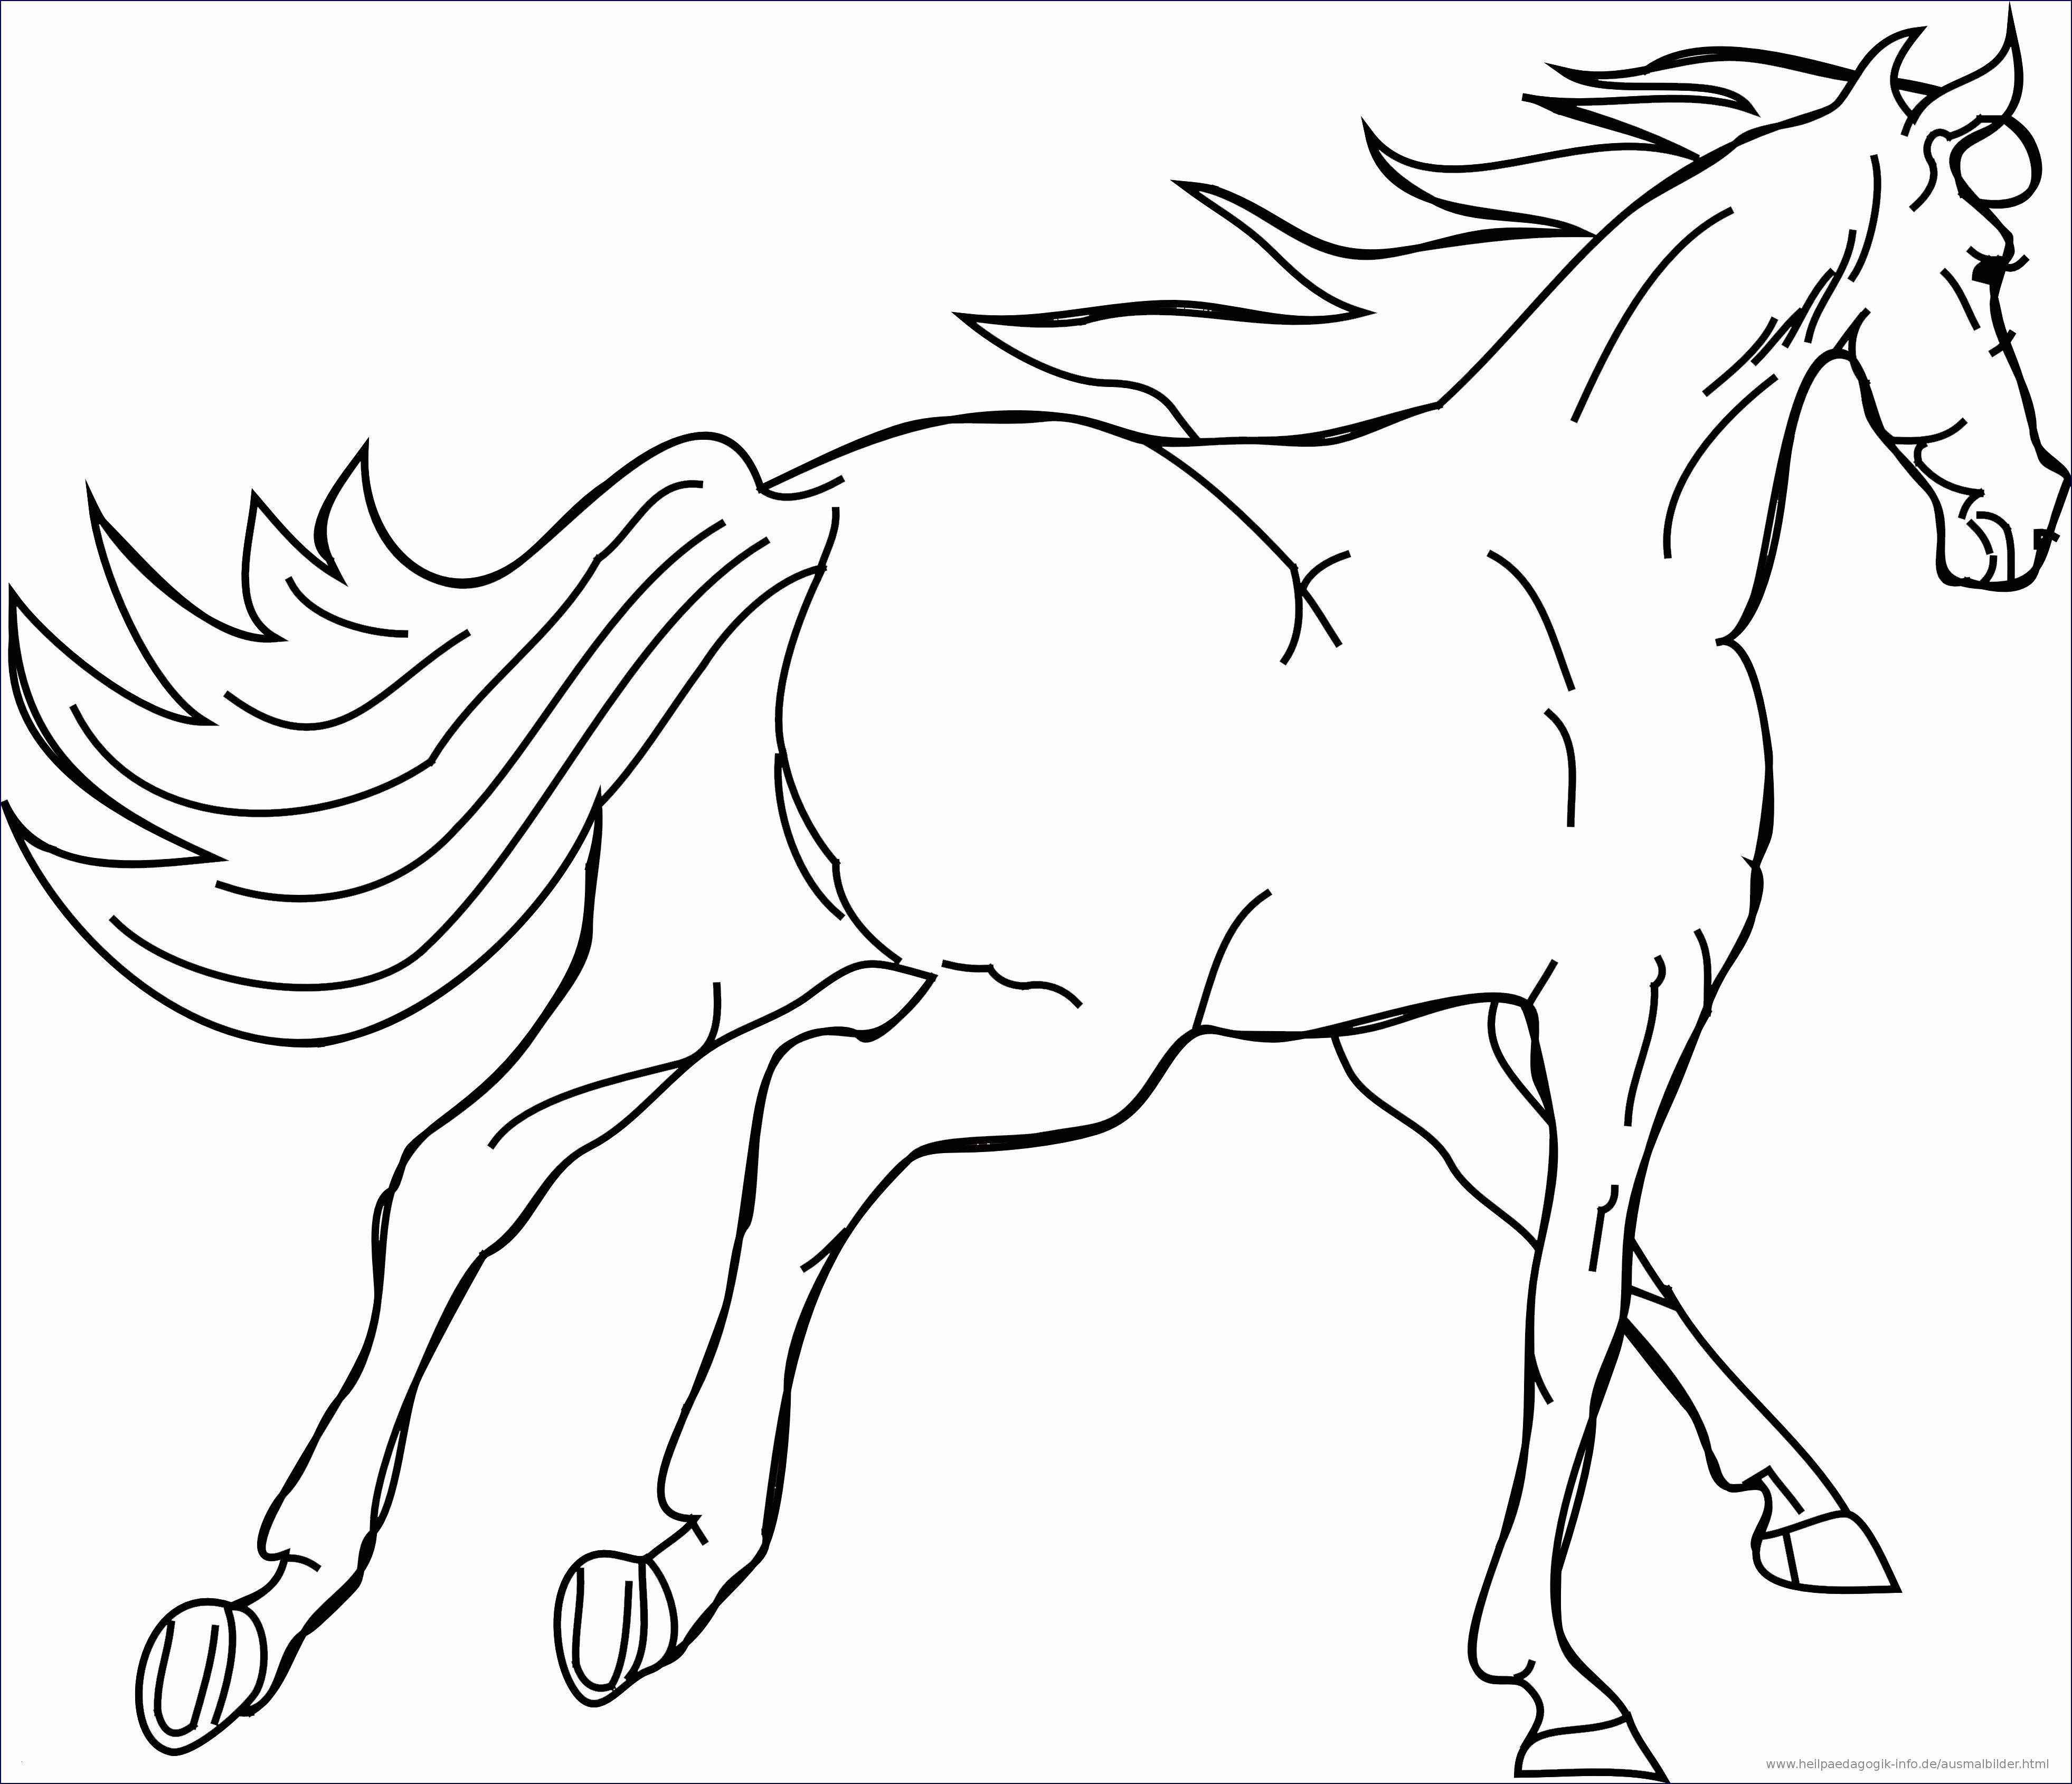 Ausmalbilder Pferde Mit Fohlen Neu 38 Ausmalbilder Pferde Mit Fohlen Scoredatscore Luxus Pferde Fotos